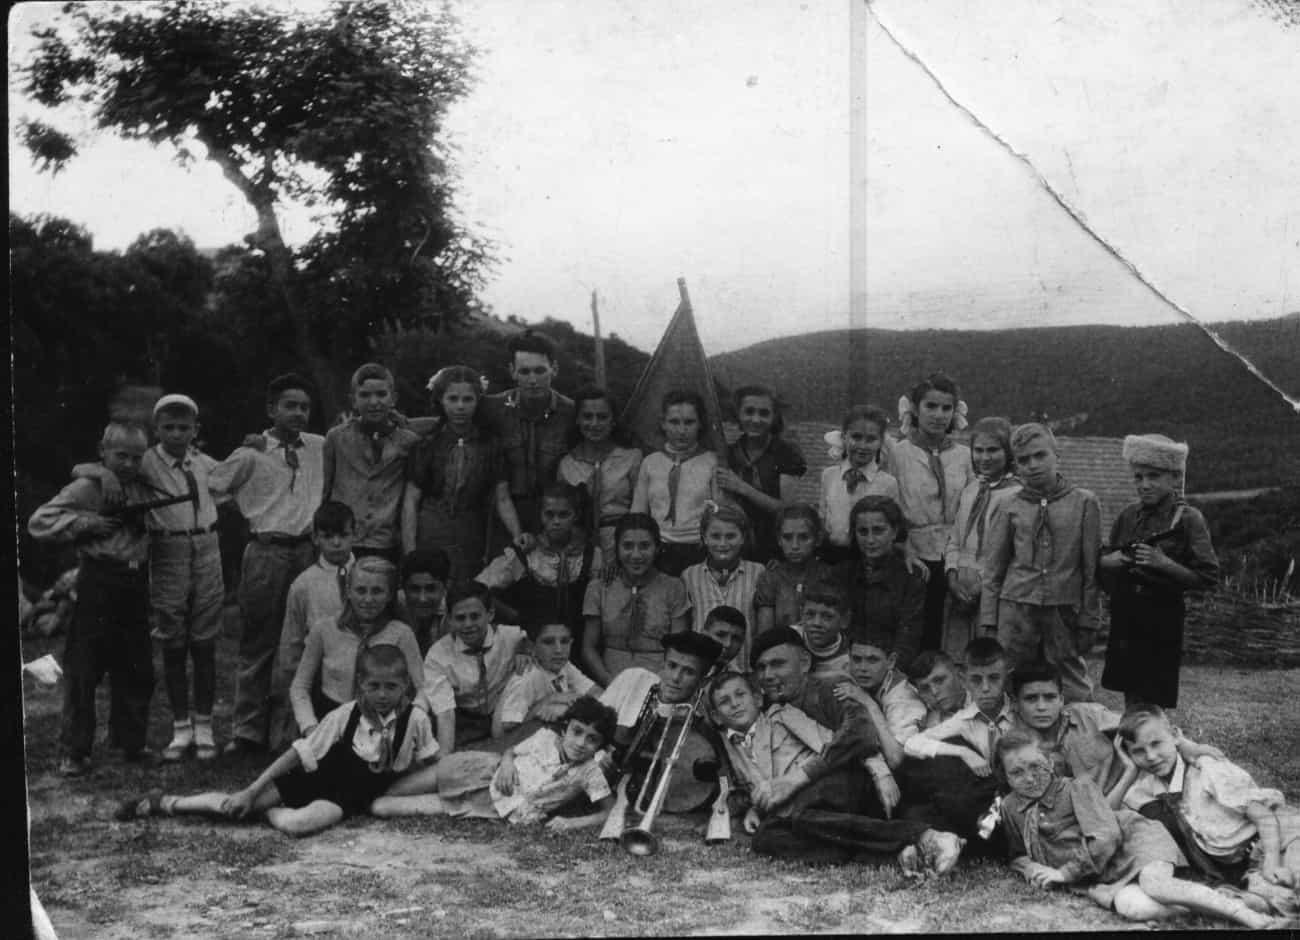 В пионерлагере. Котэ на снимке нет, так как он фотографирует. 1945 год